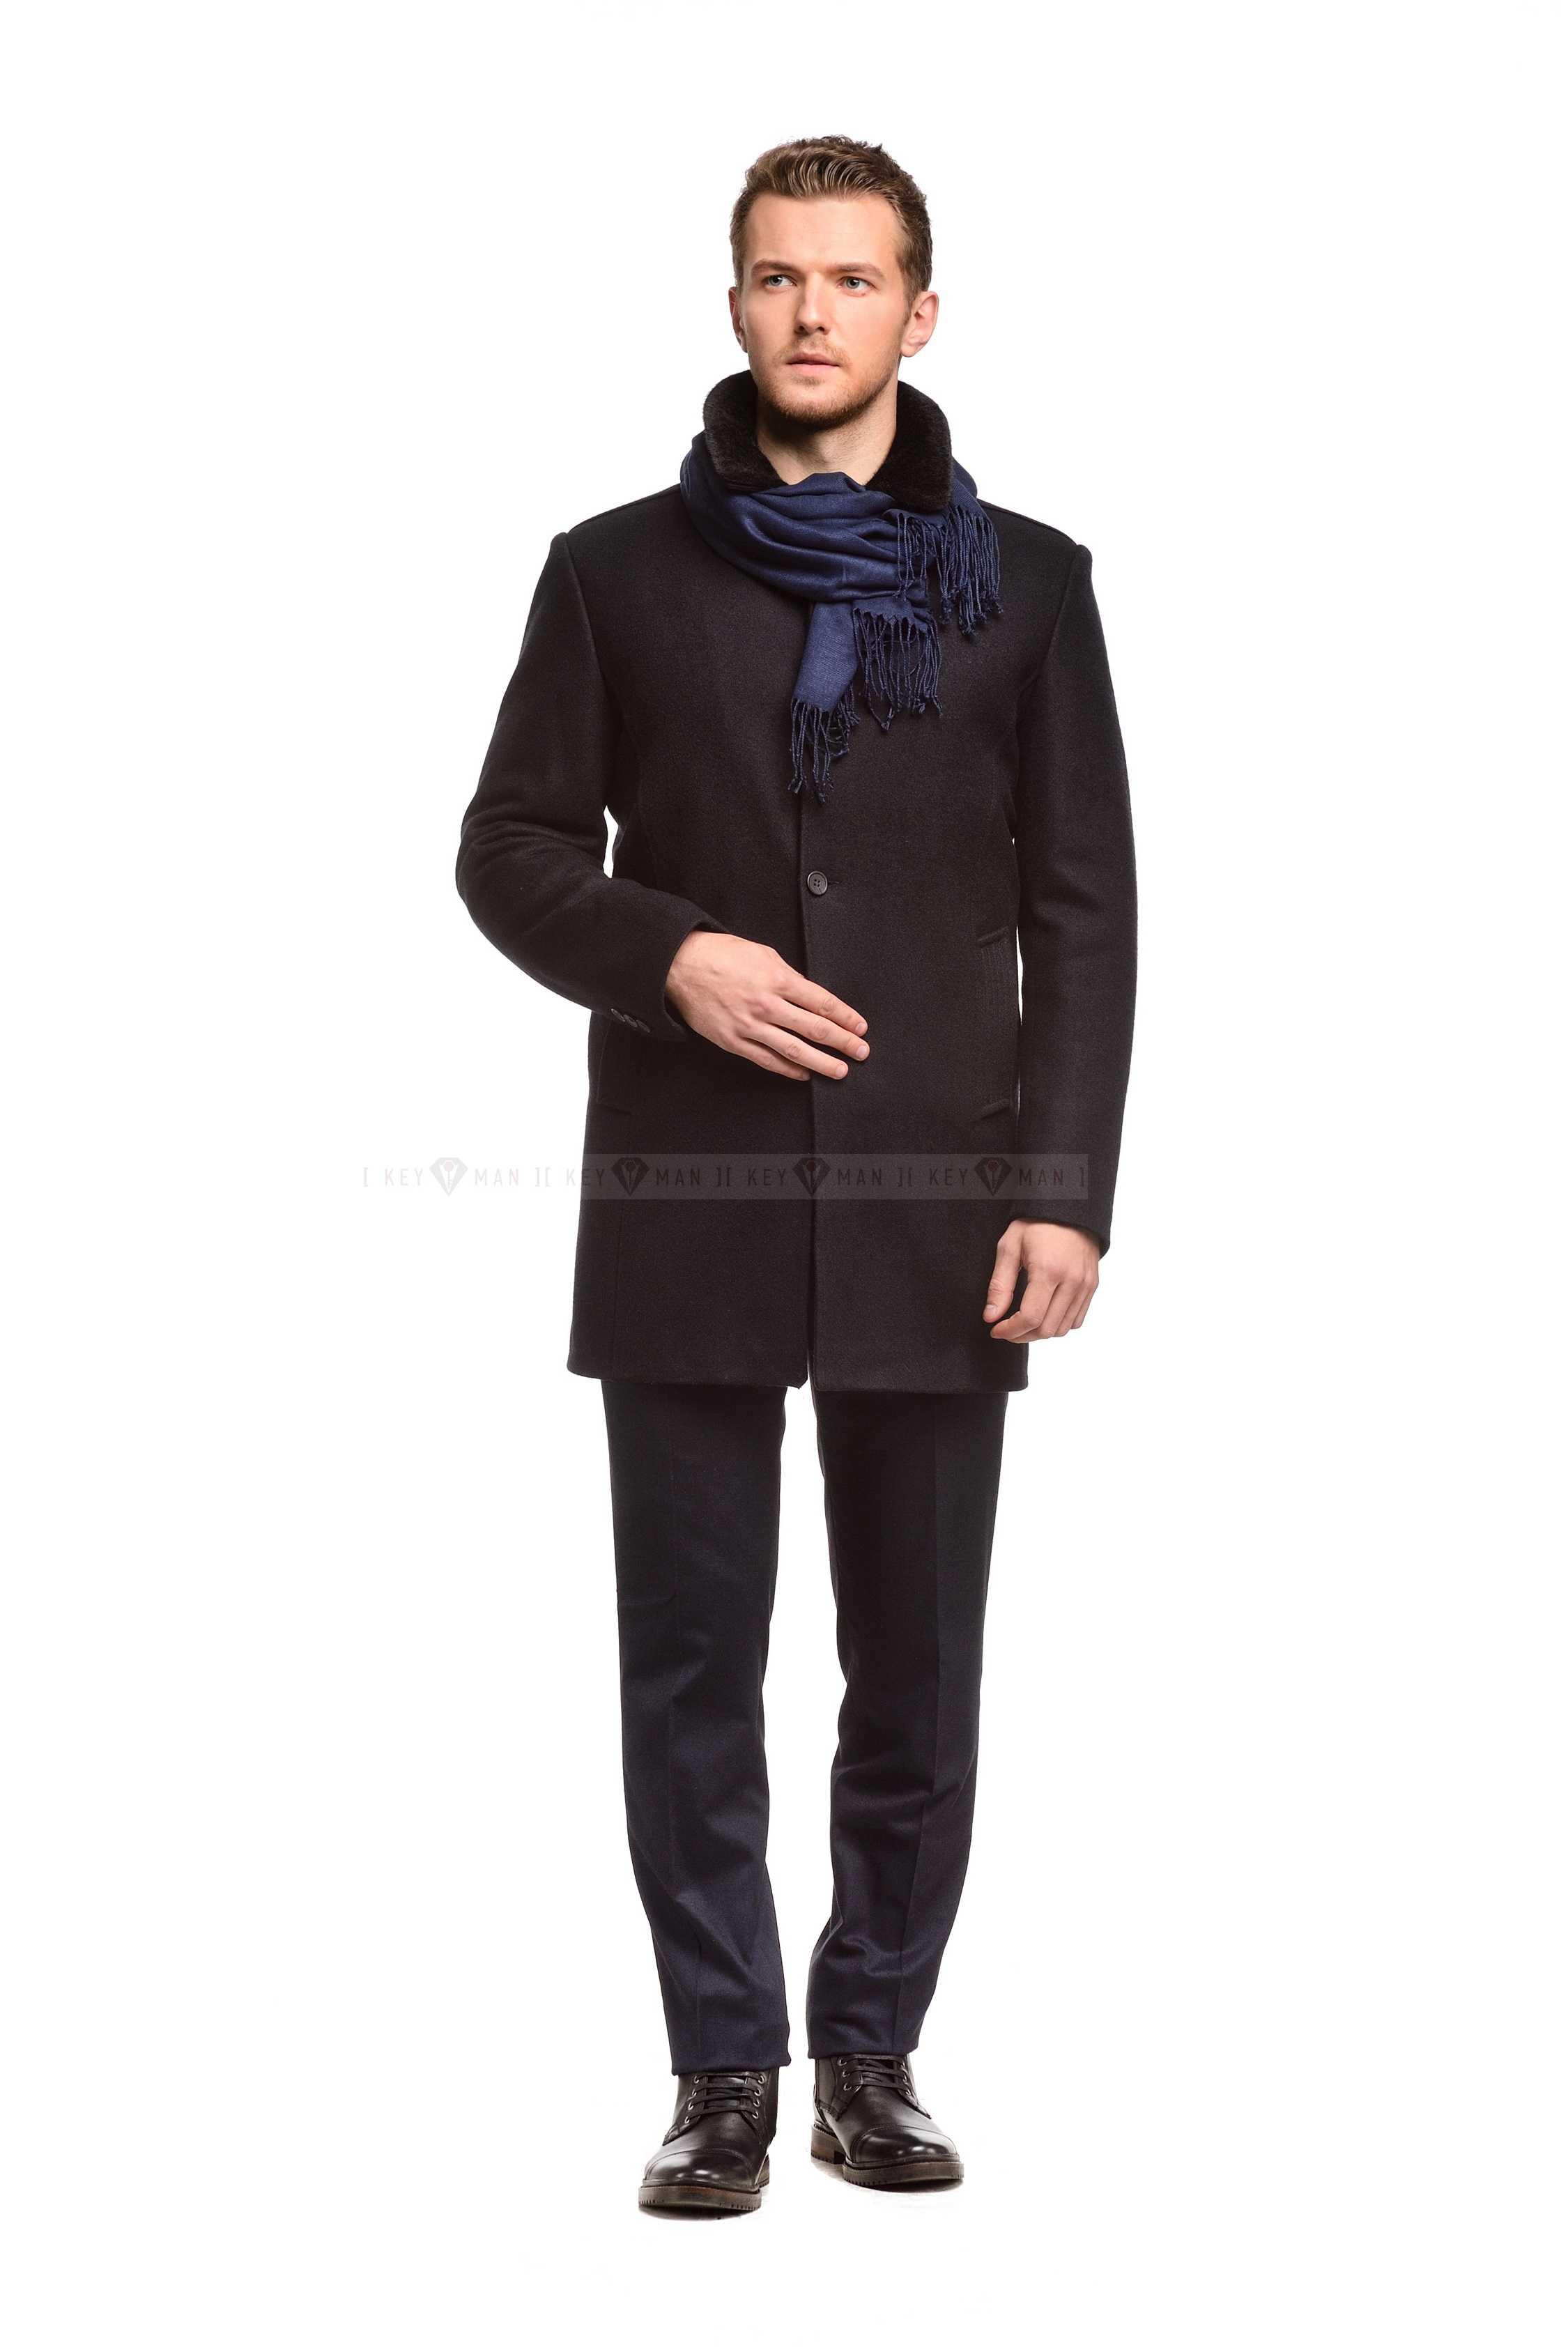 Пальто мужское синее шерстяное утепленное мехом, рубашечный воротник отстёгивается